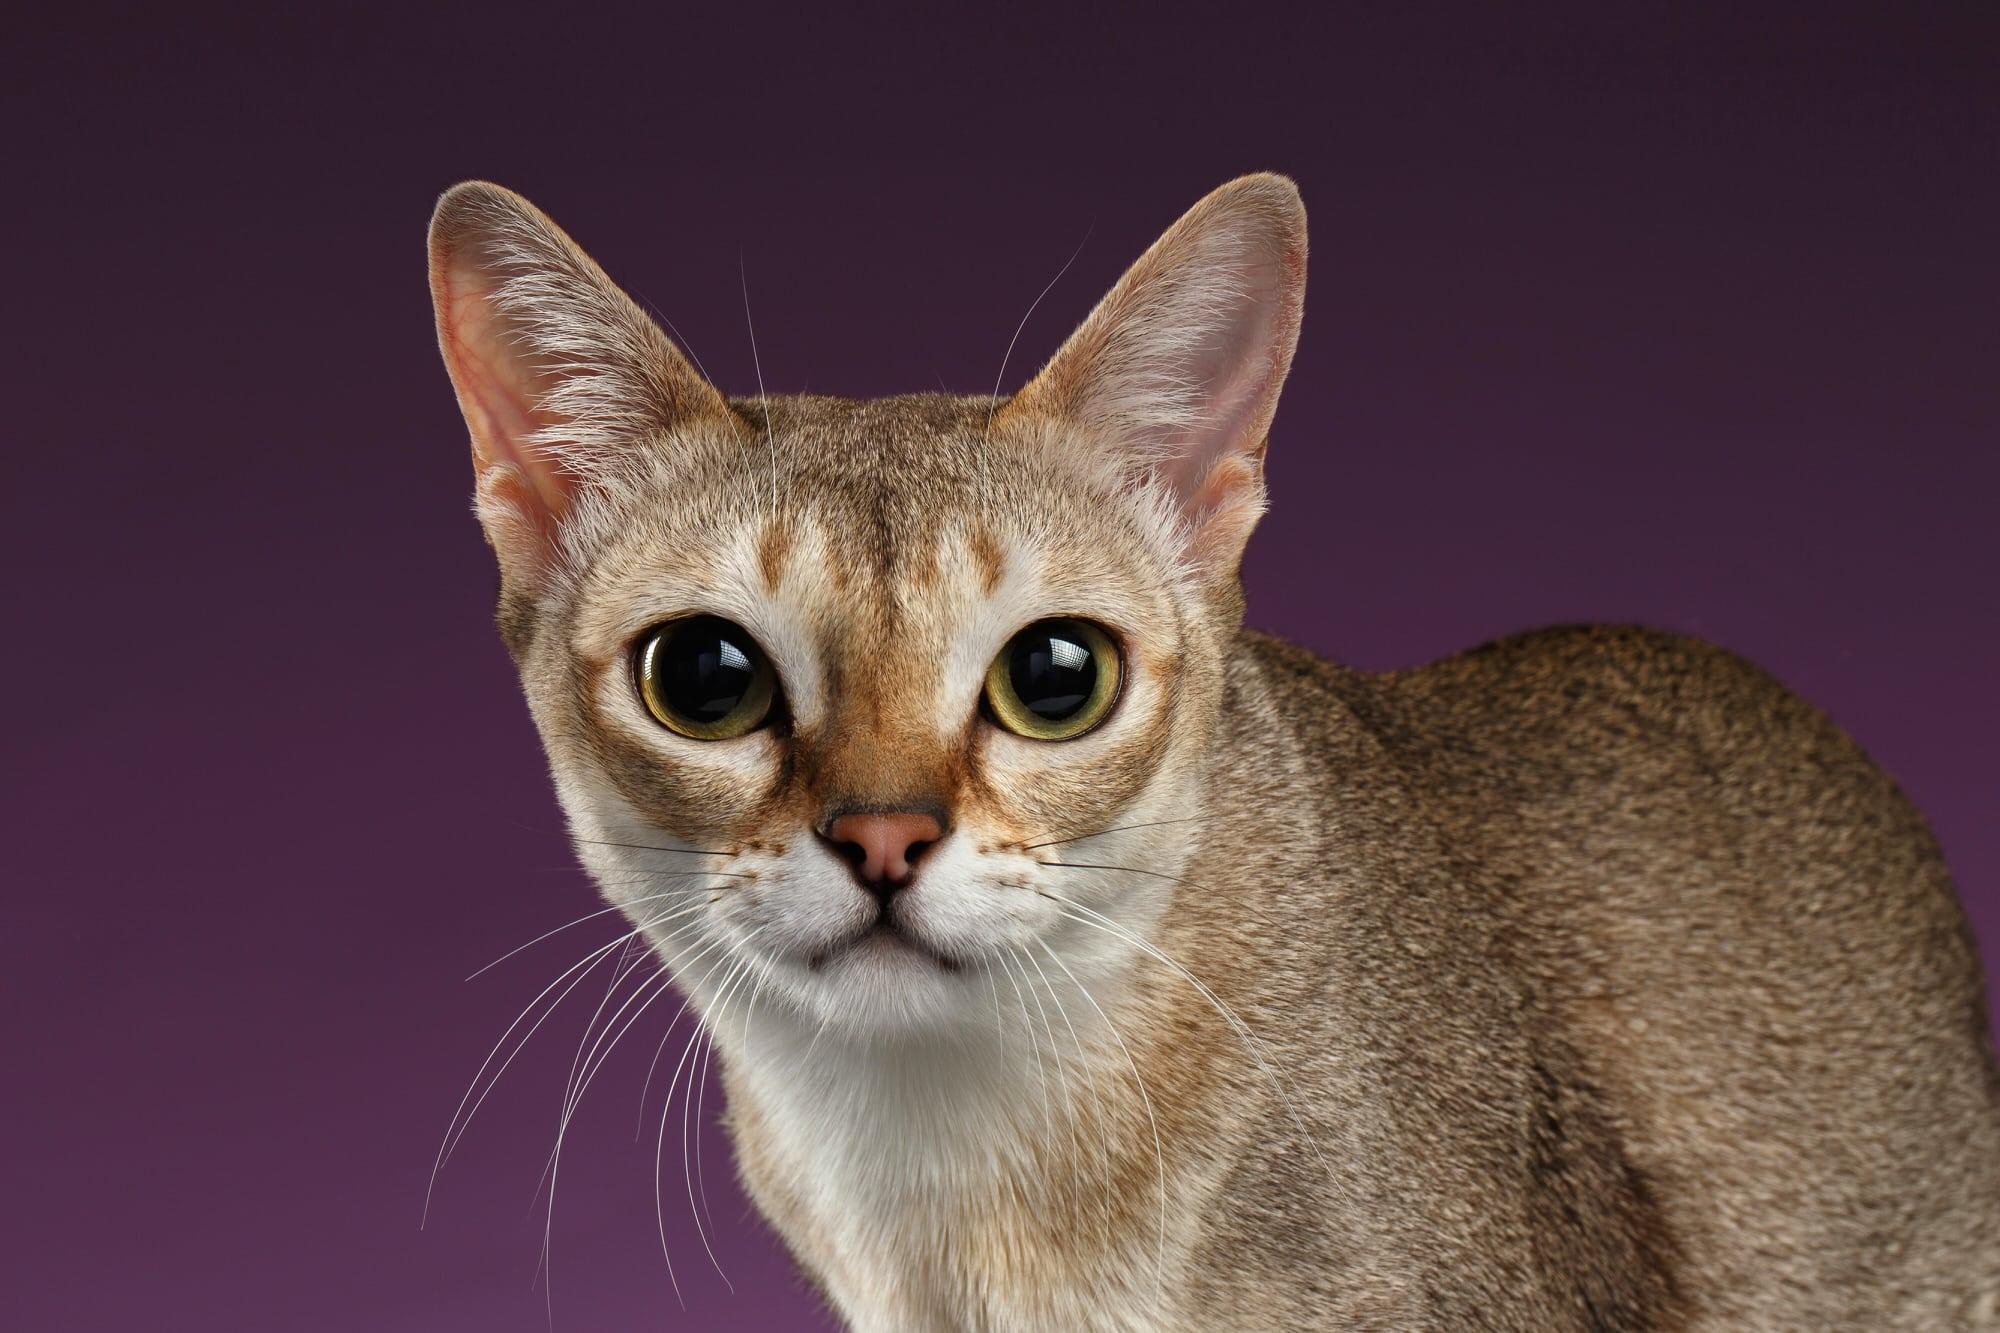 Chinchilla Cat For Sale Malaysia